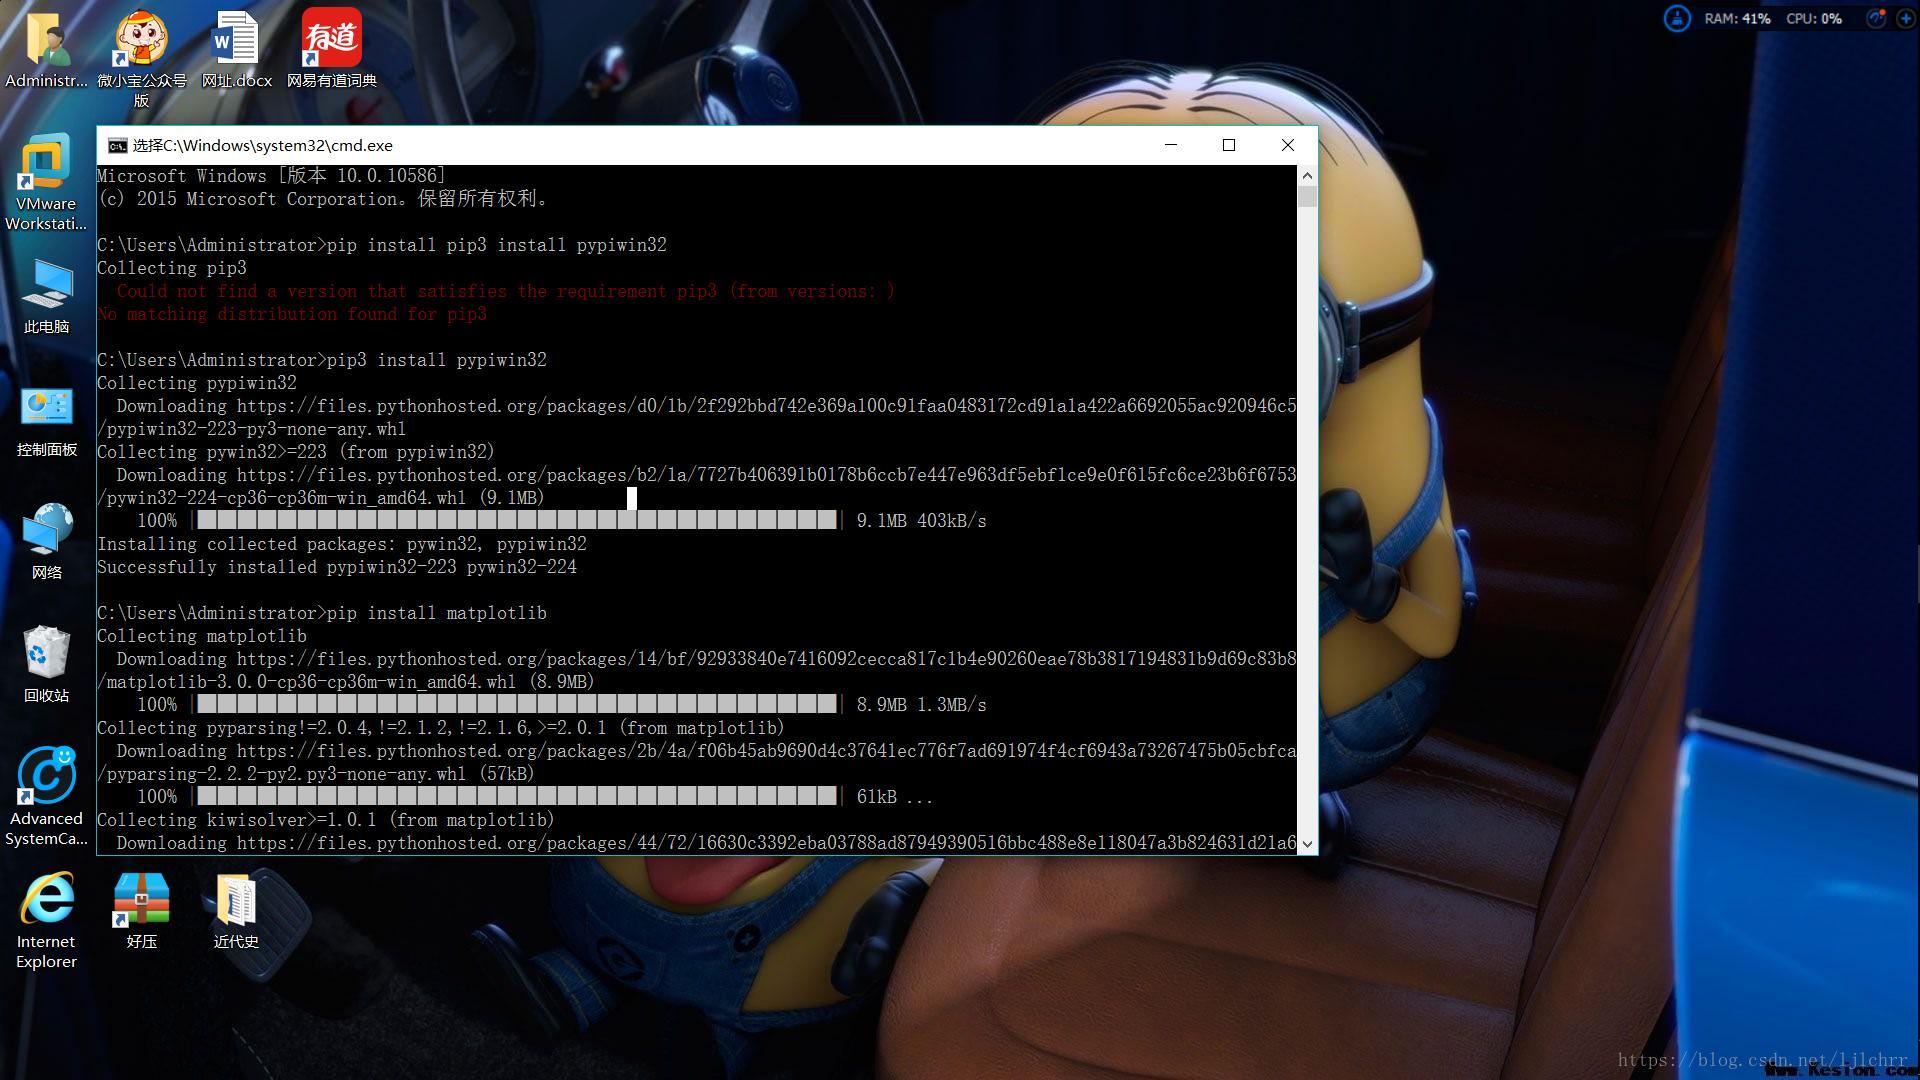 Convert text to speech with pyttsx3 - Programmer Sought